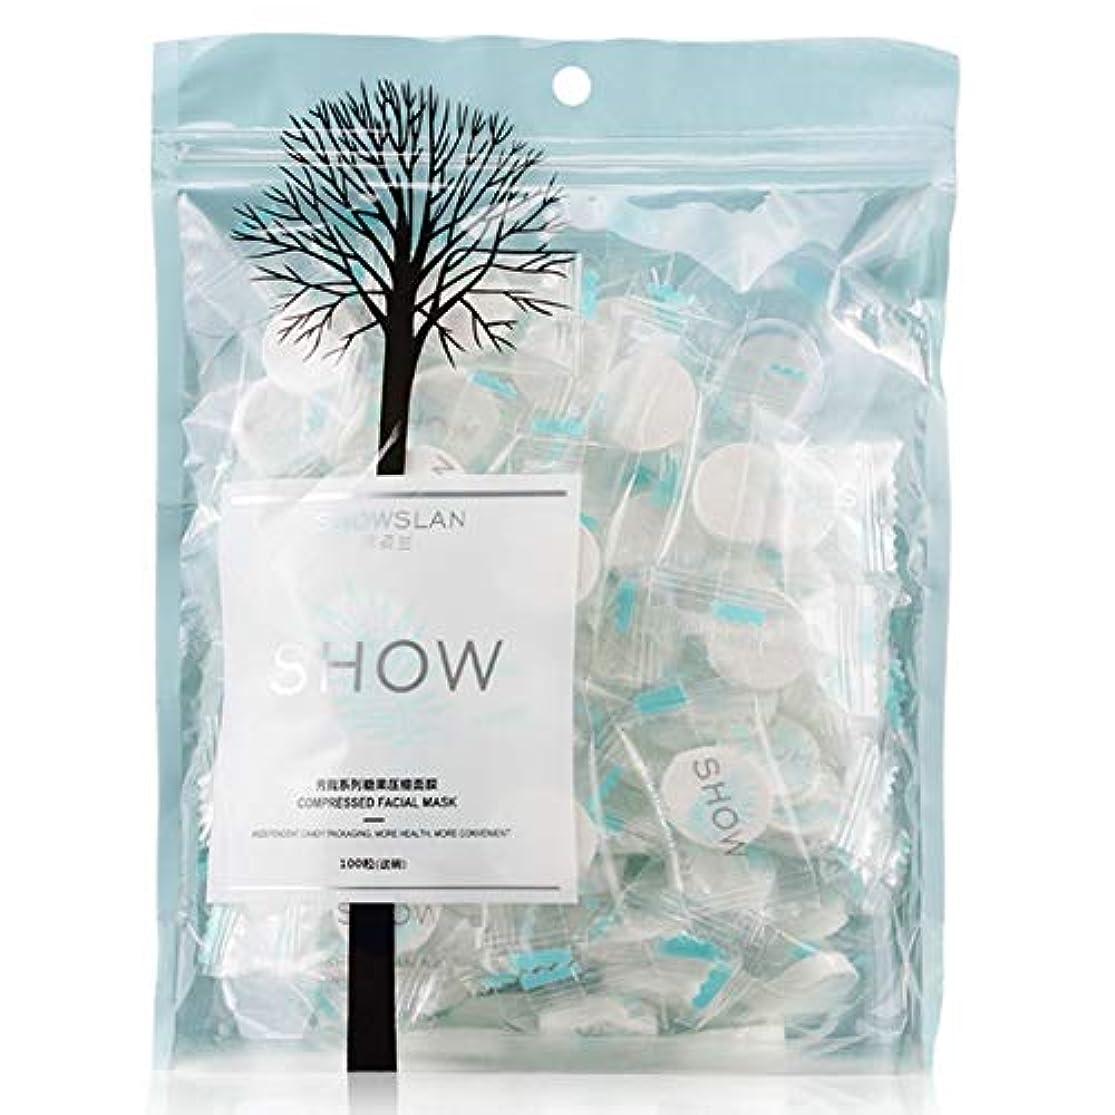 カカドゥ部族消費者SHOWSLAN 圧縮マスク 100枚圧縮マスク紙、DIY美容マスク、キャンディー包装、湿式圧縮 100個入り